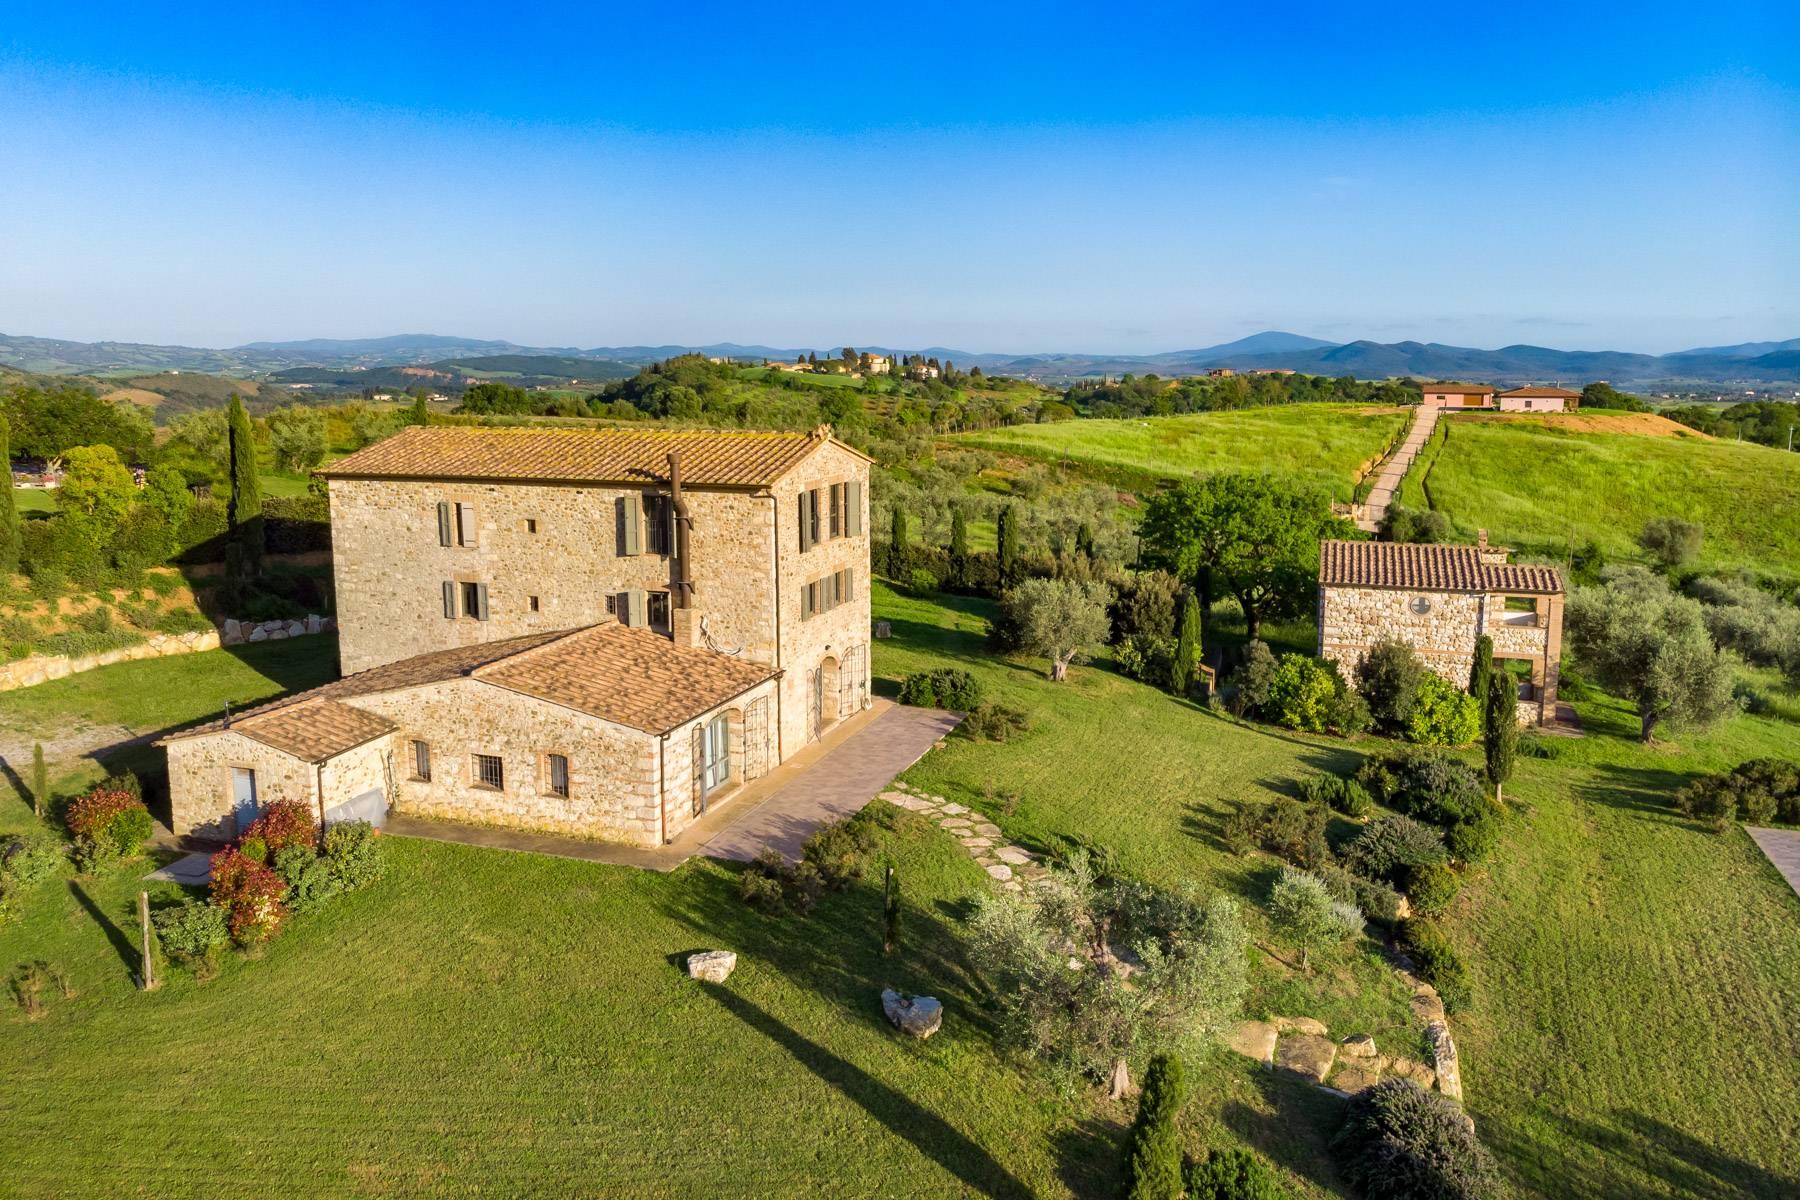 Rustico in Vendita a Magliano In Toscana: 5 locali, 1044 mq - Foto 9